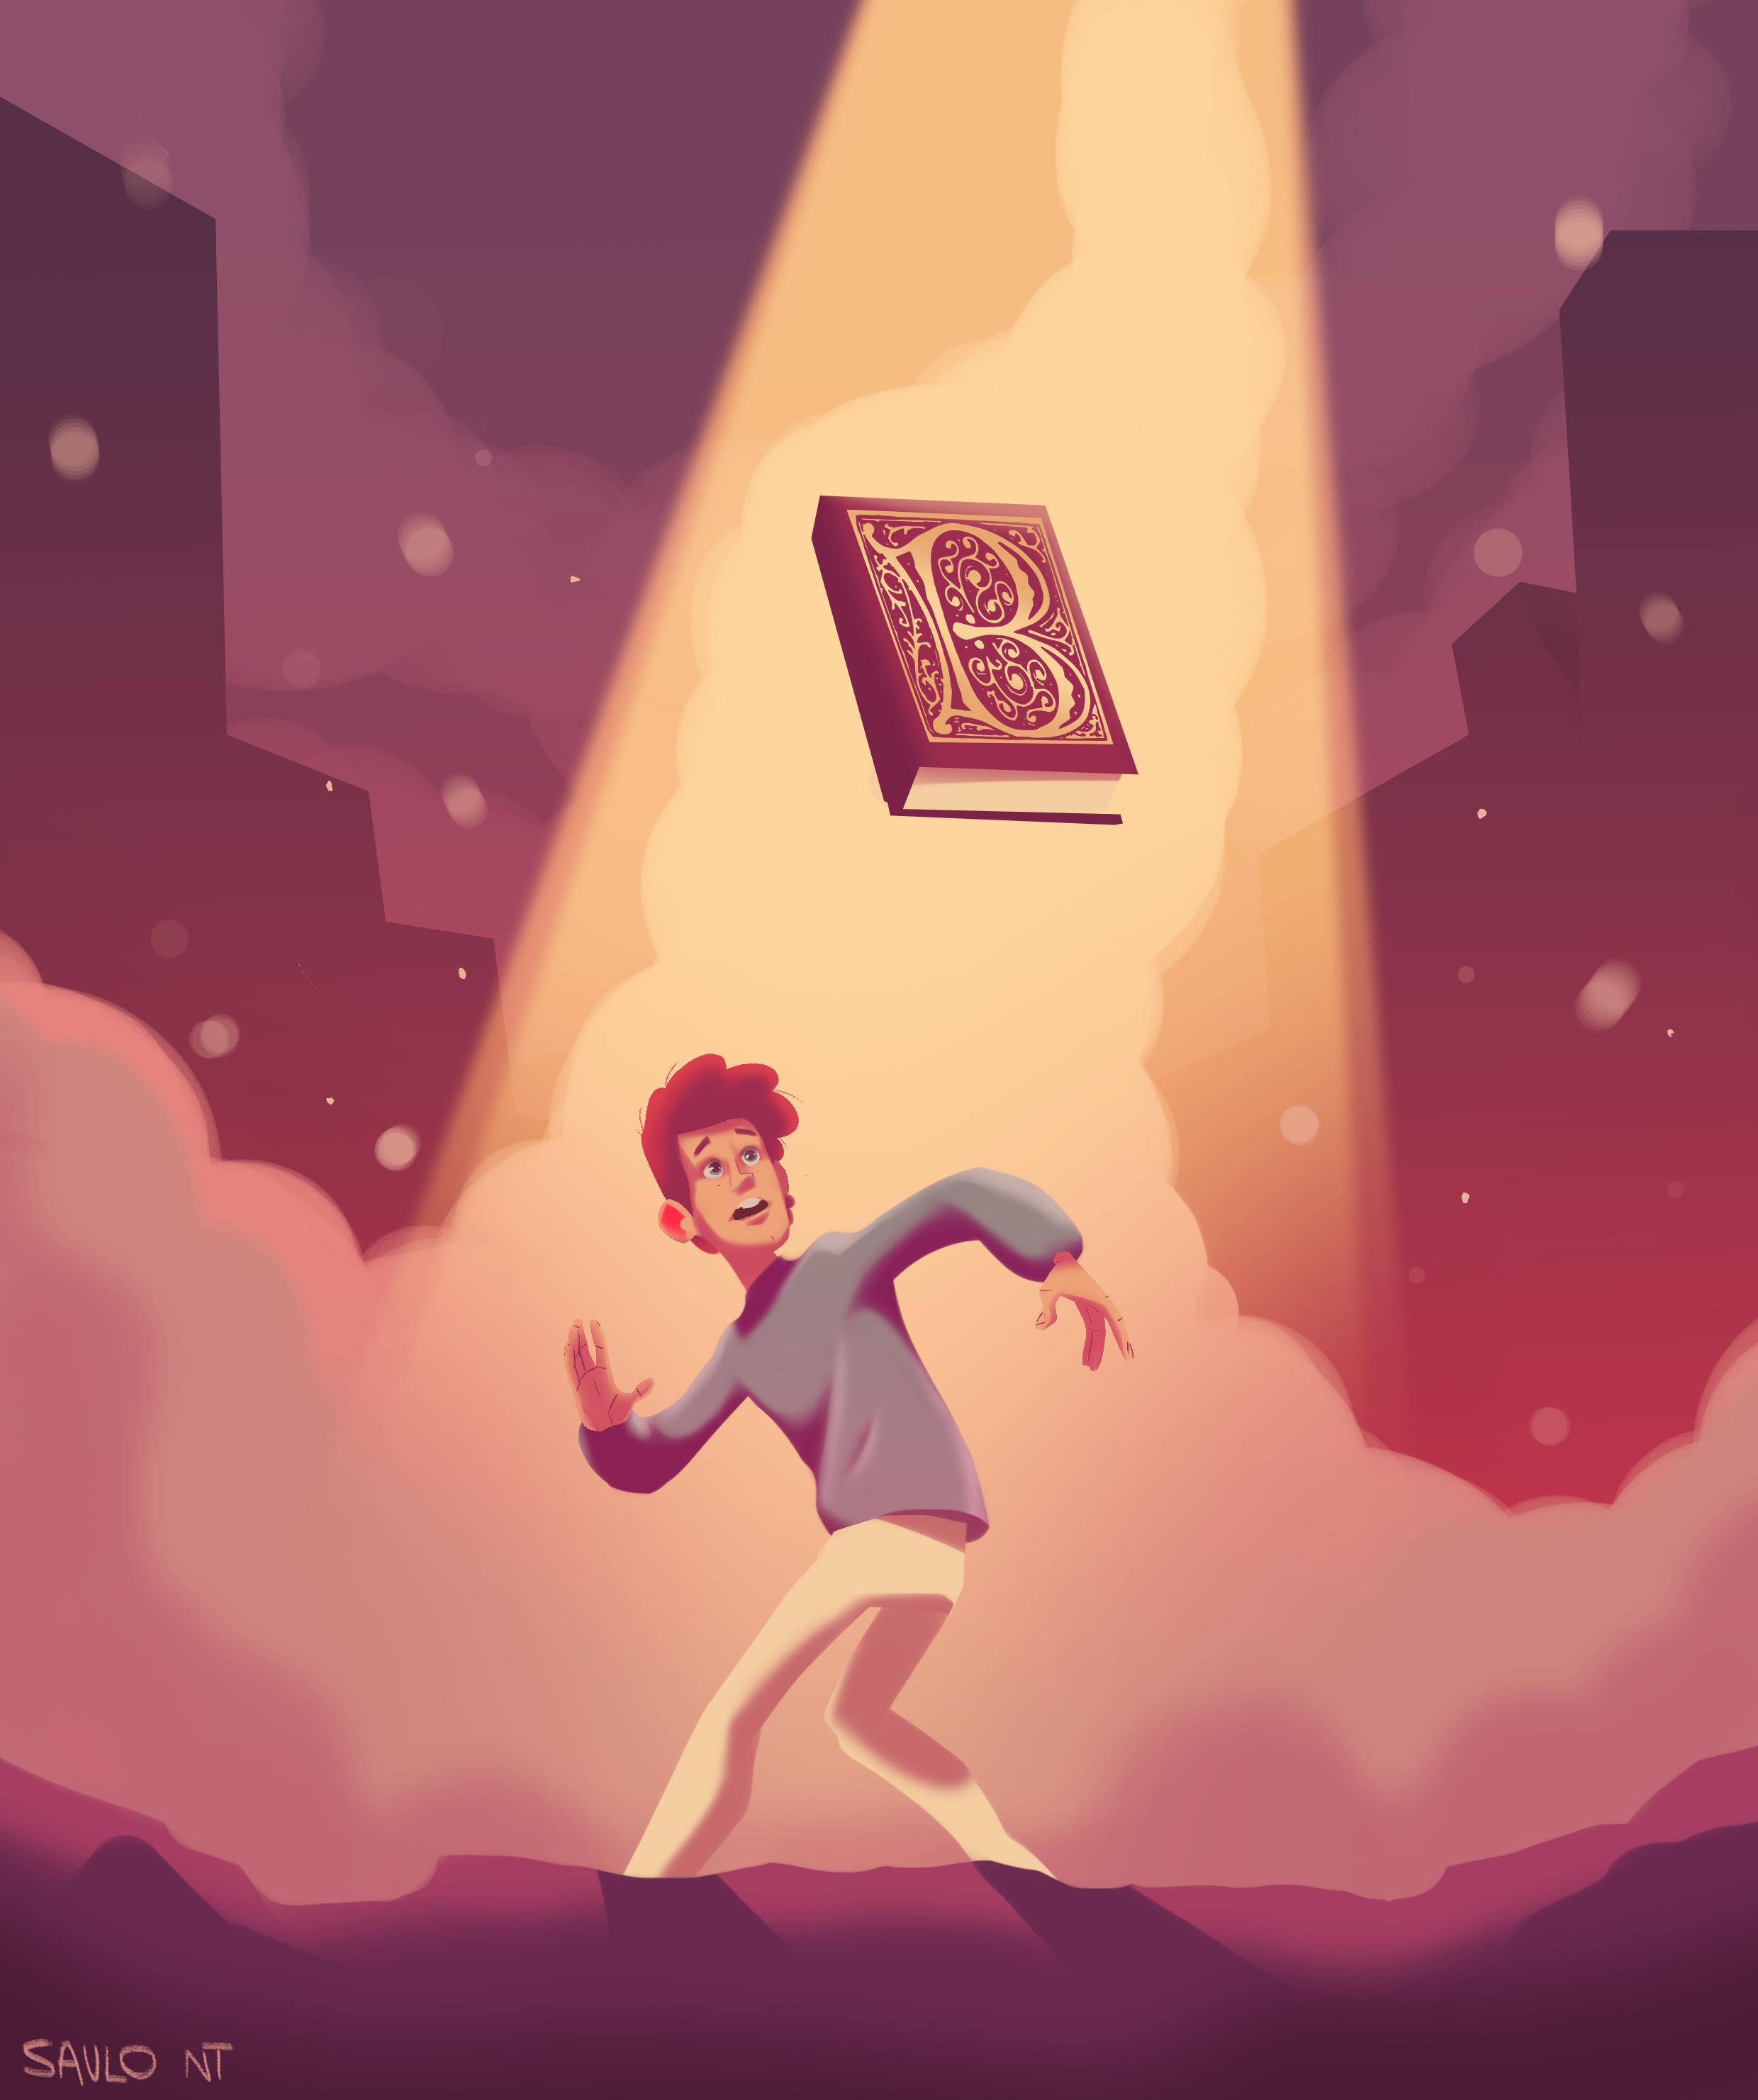 Ivan & the hidden book